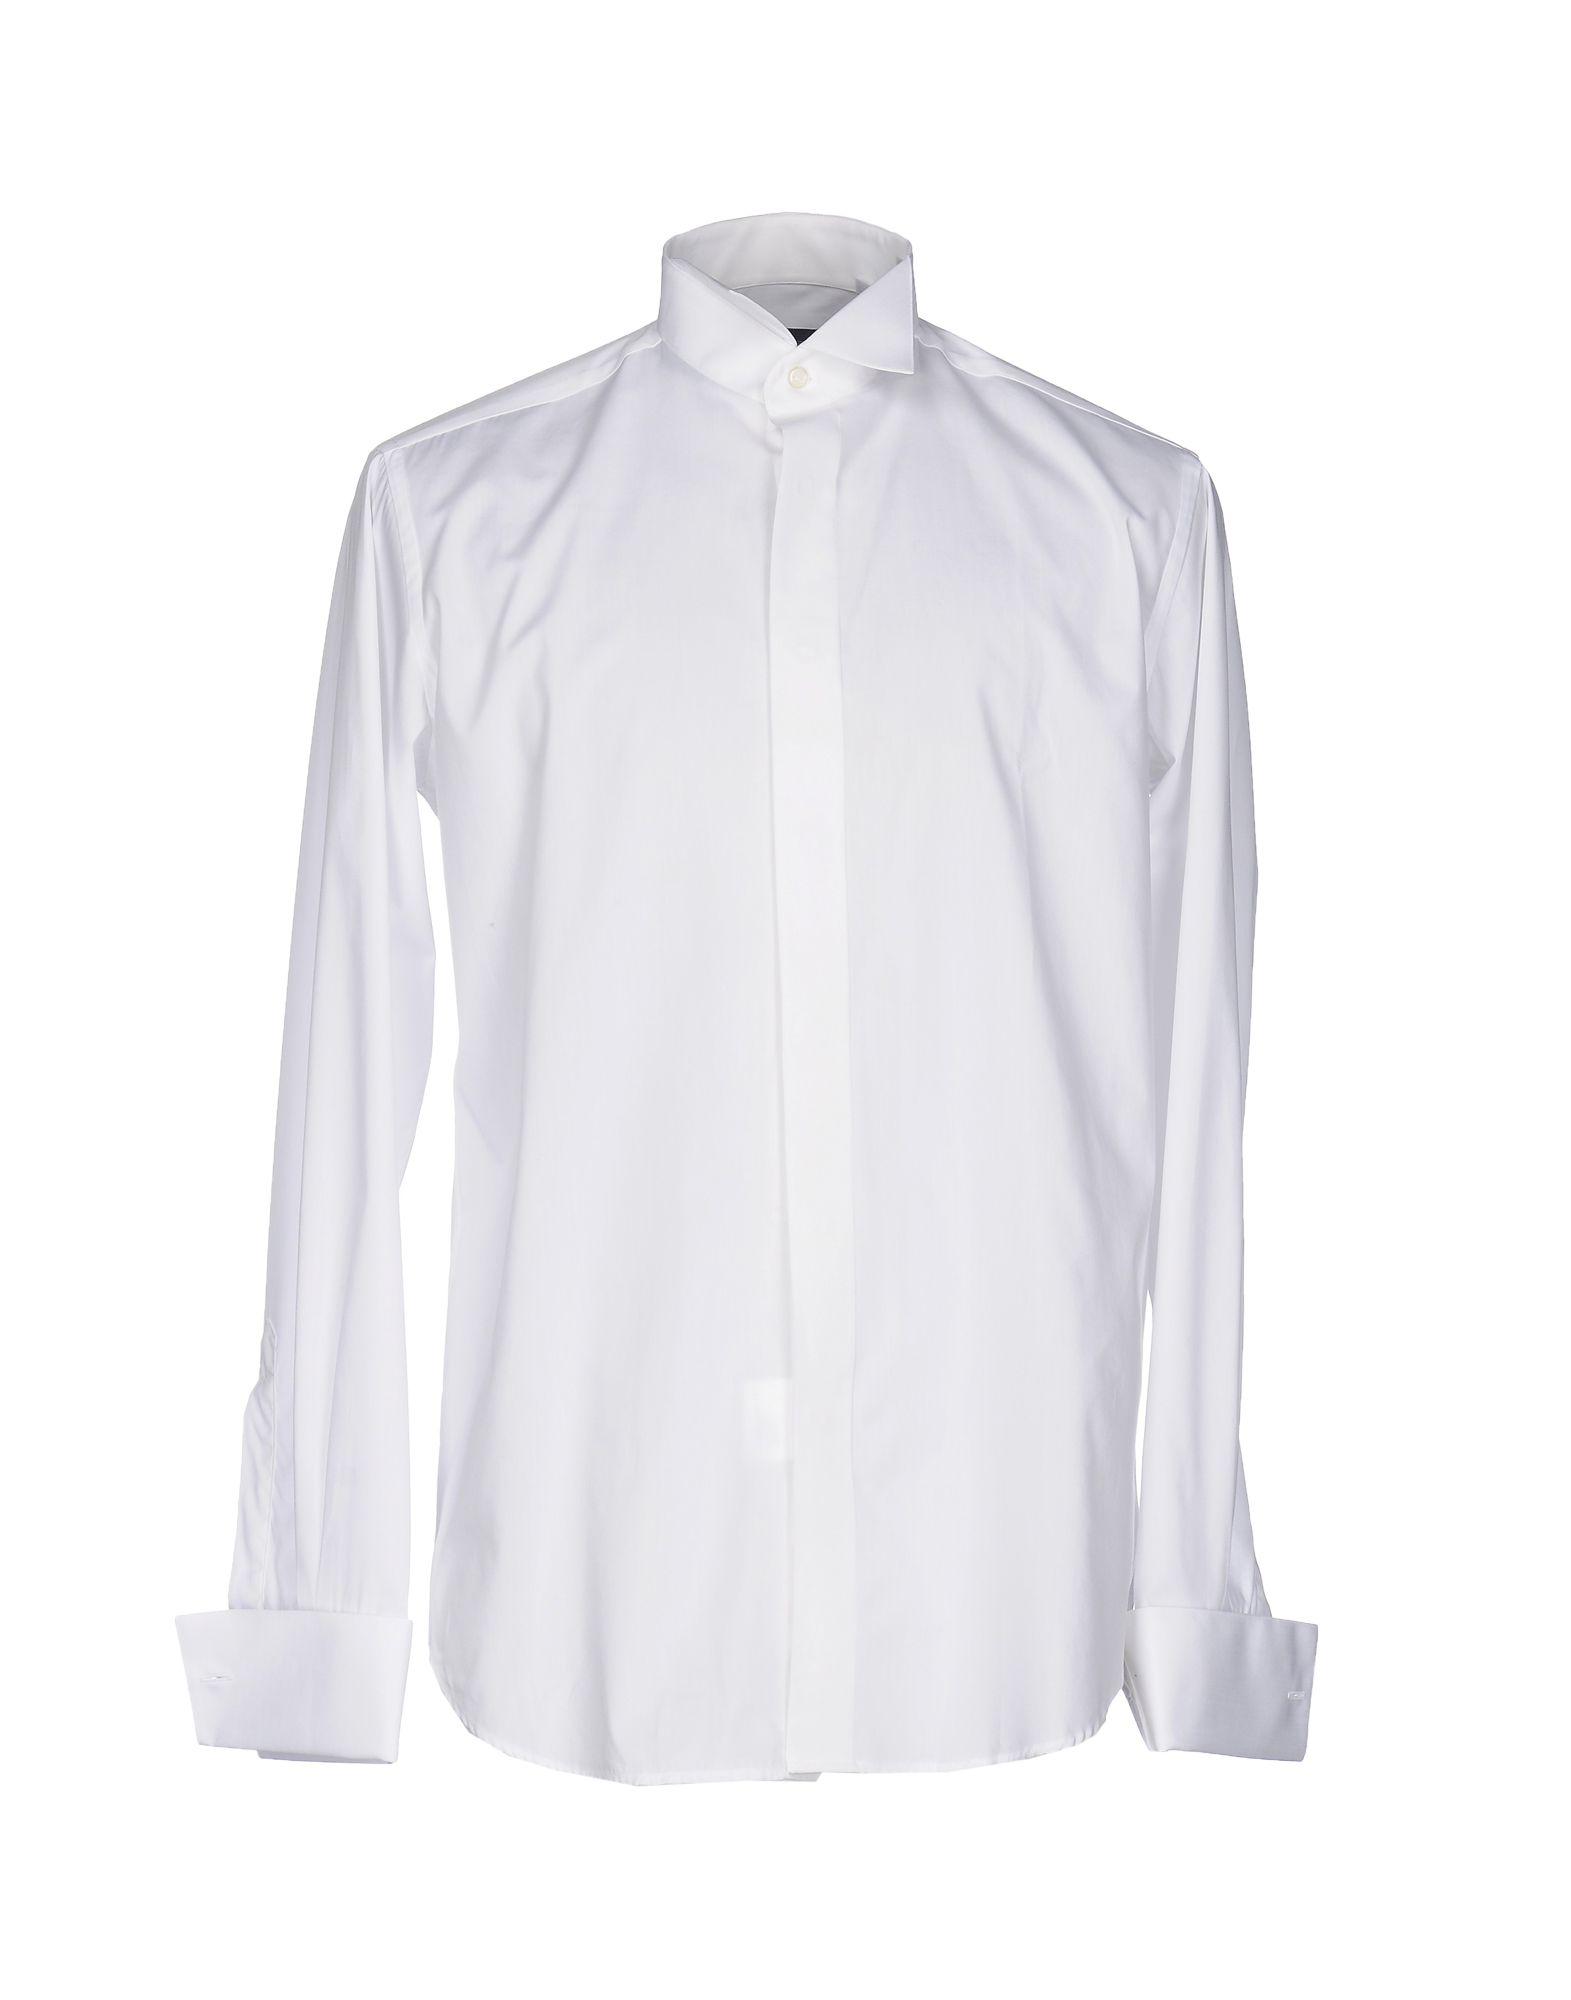 CAMISAS - Camisas Marco Azzali 2dlRKCbW